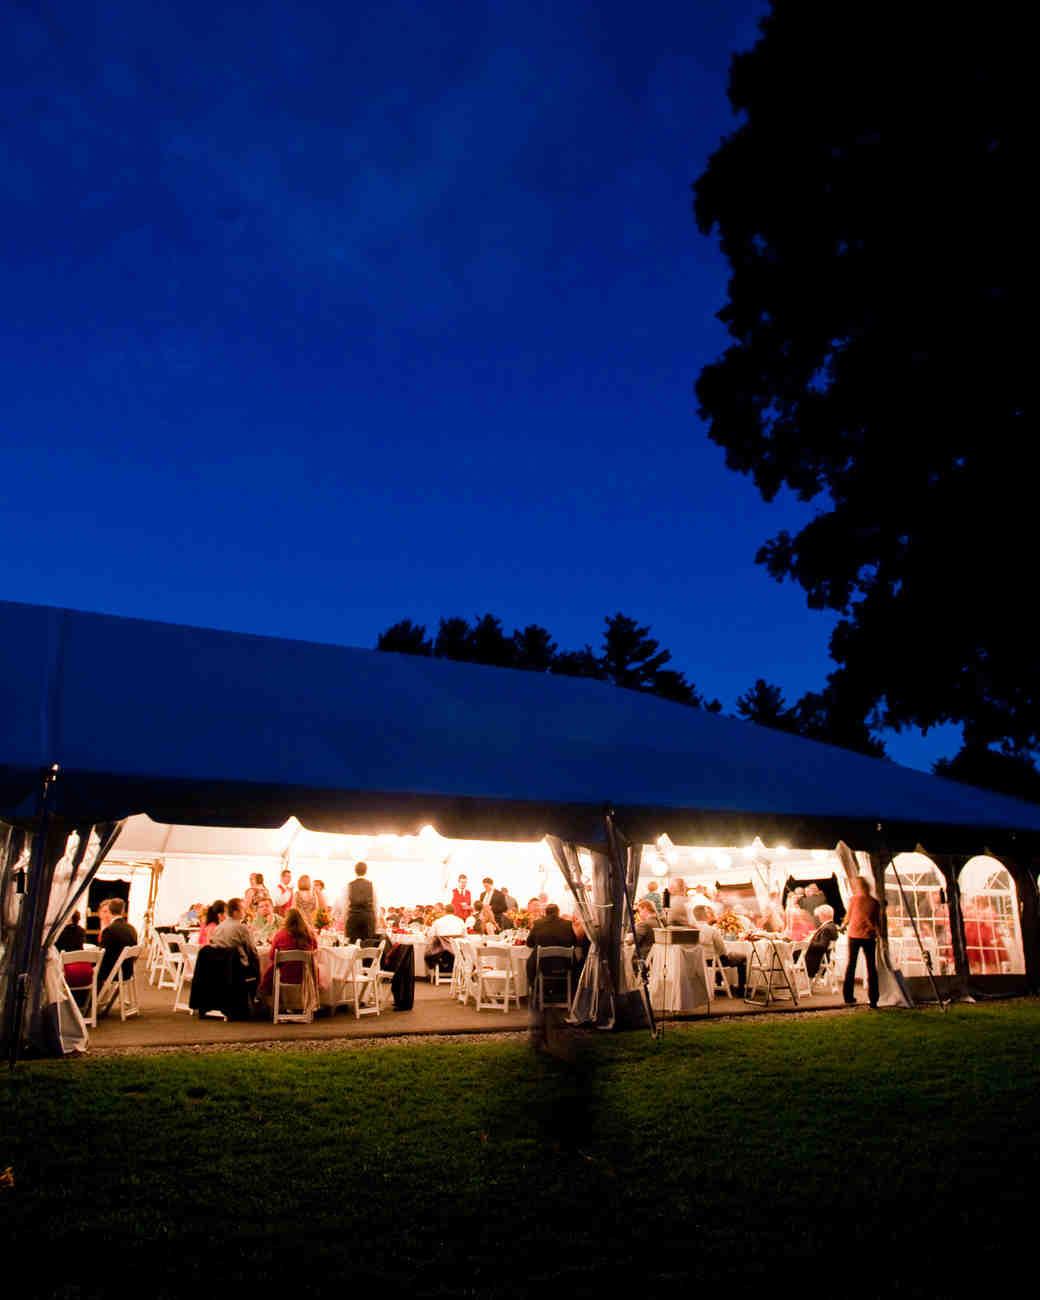 vineyard-wedding-venues-flag-hill-winery-and-distillery-2-0714.jpg